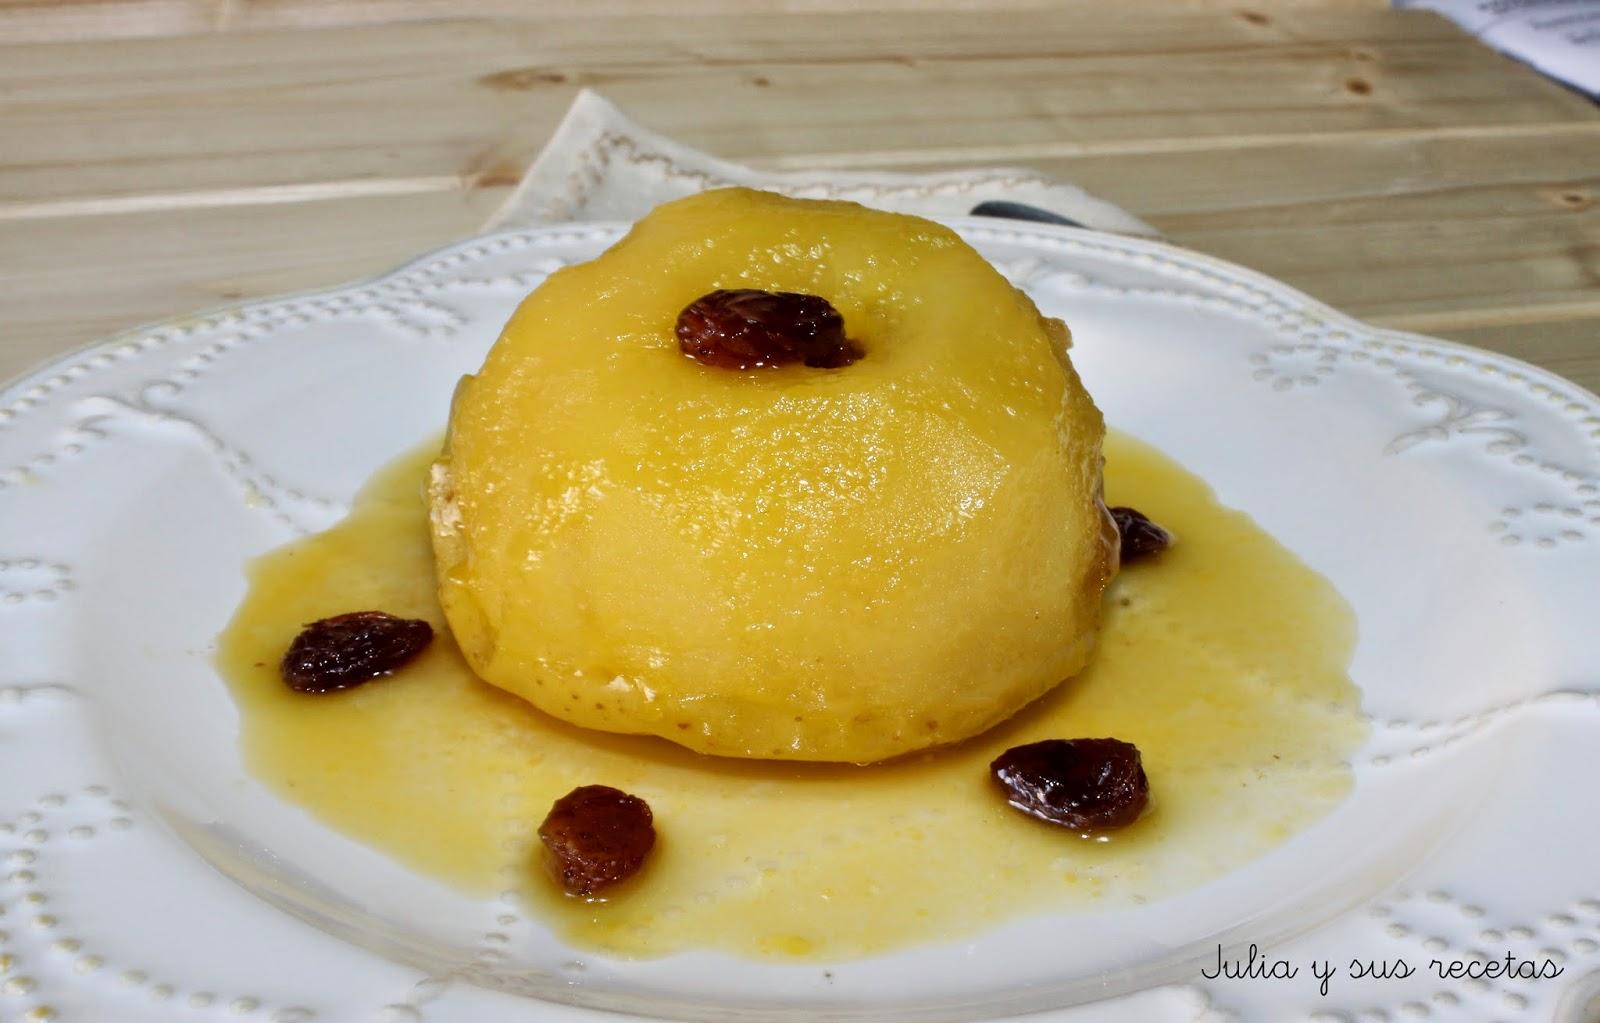 Manzanas a la miel en microondas. Julia y sus recetas